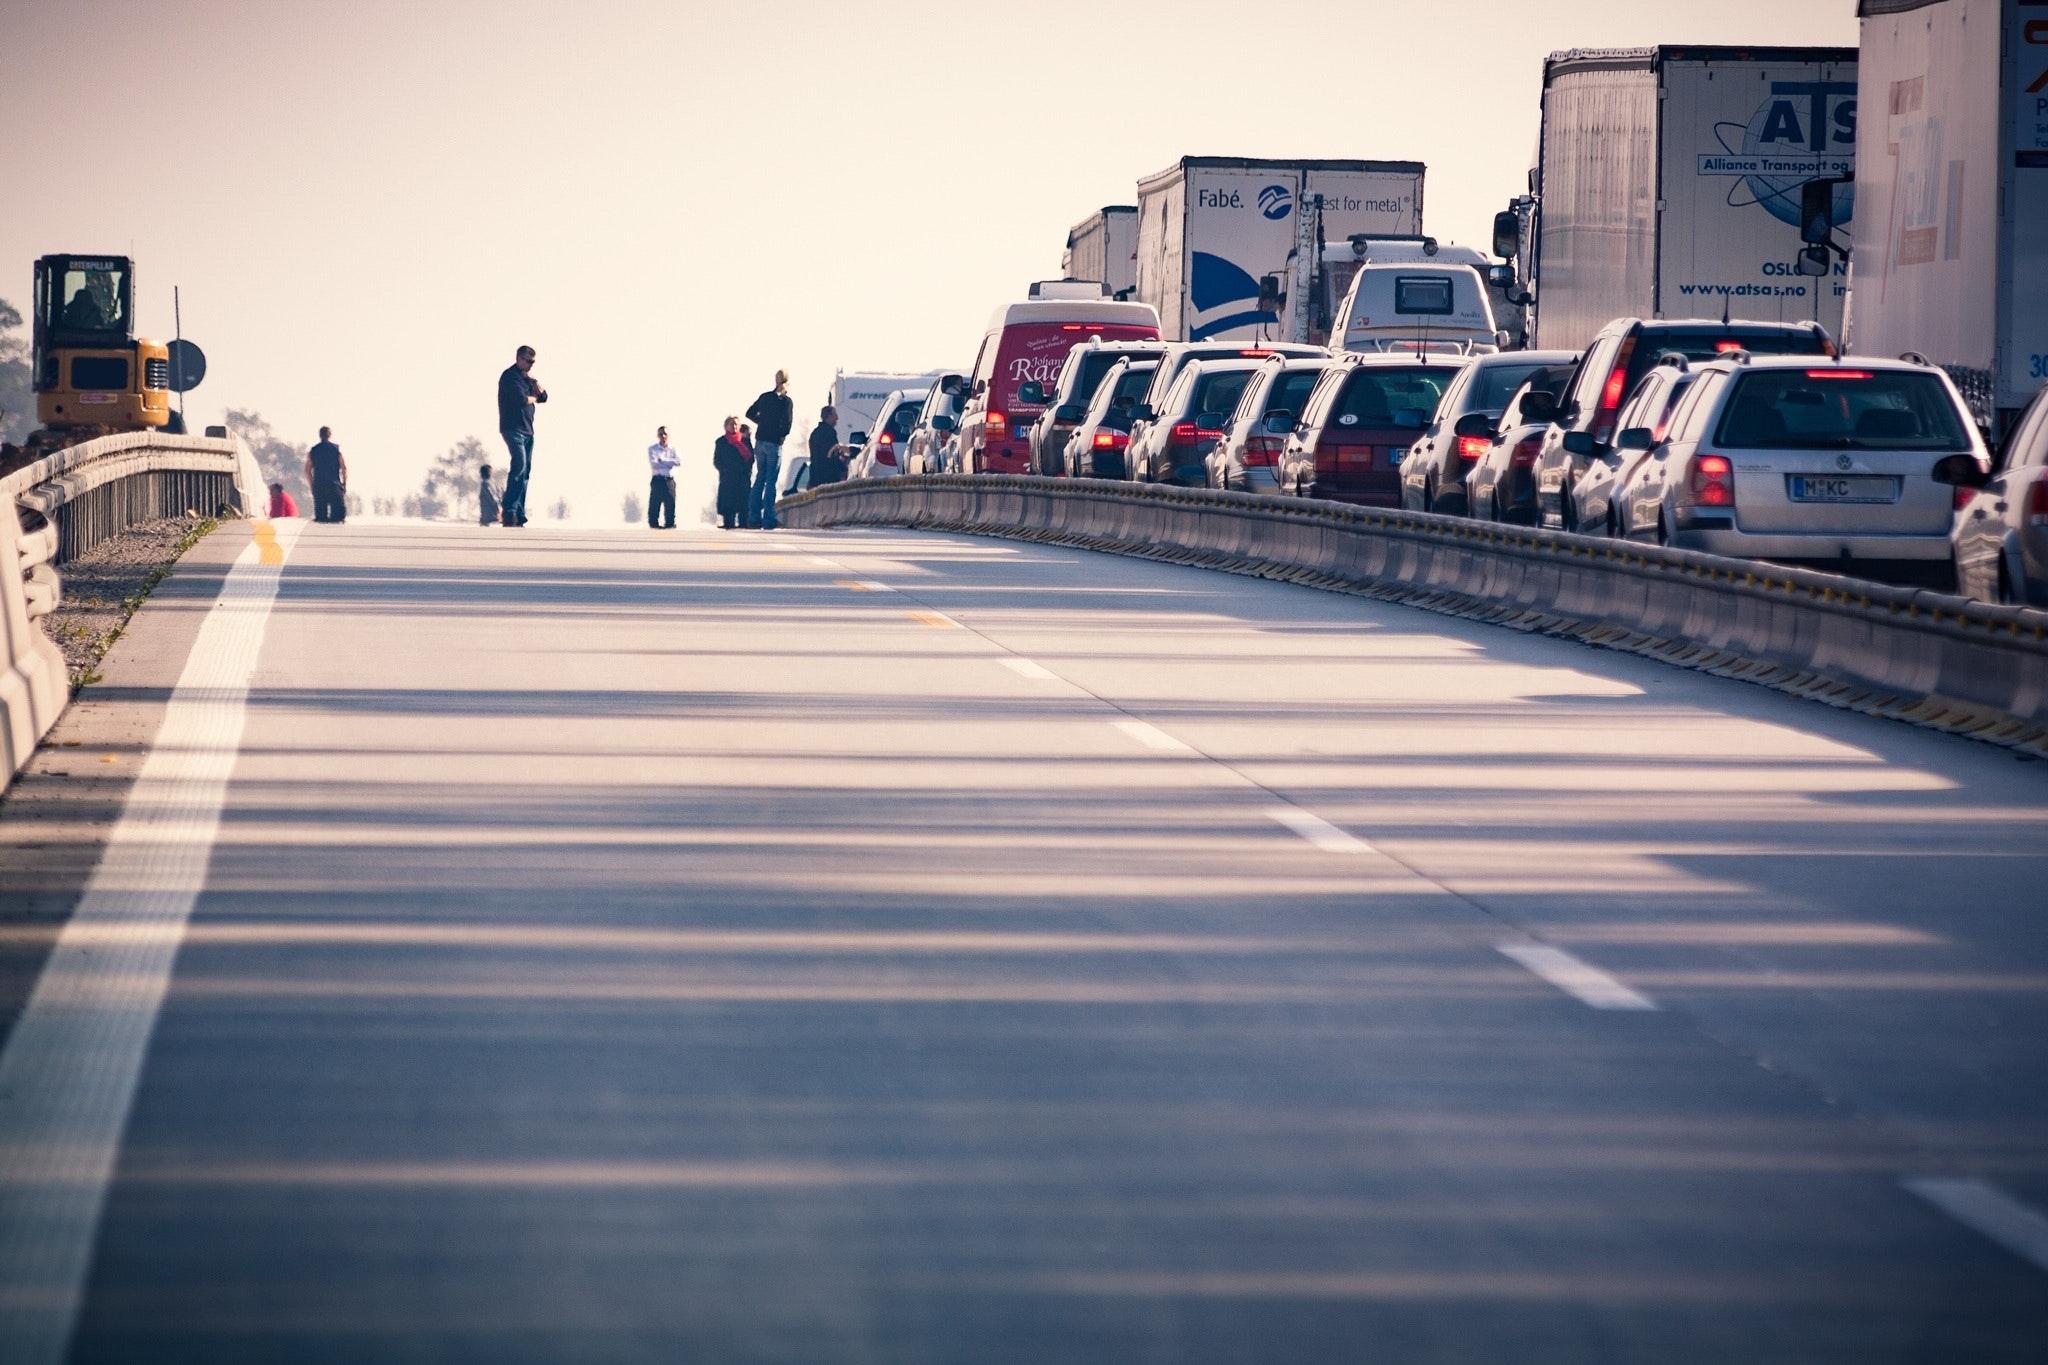 risarcimento danni per incidente stradale mortale approfondimento avvocatoflash